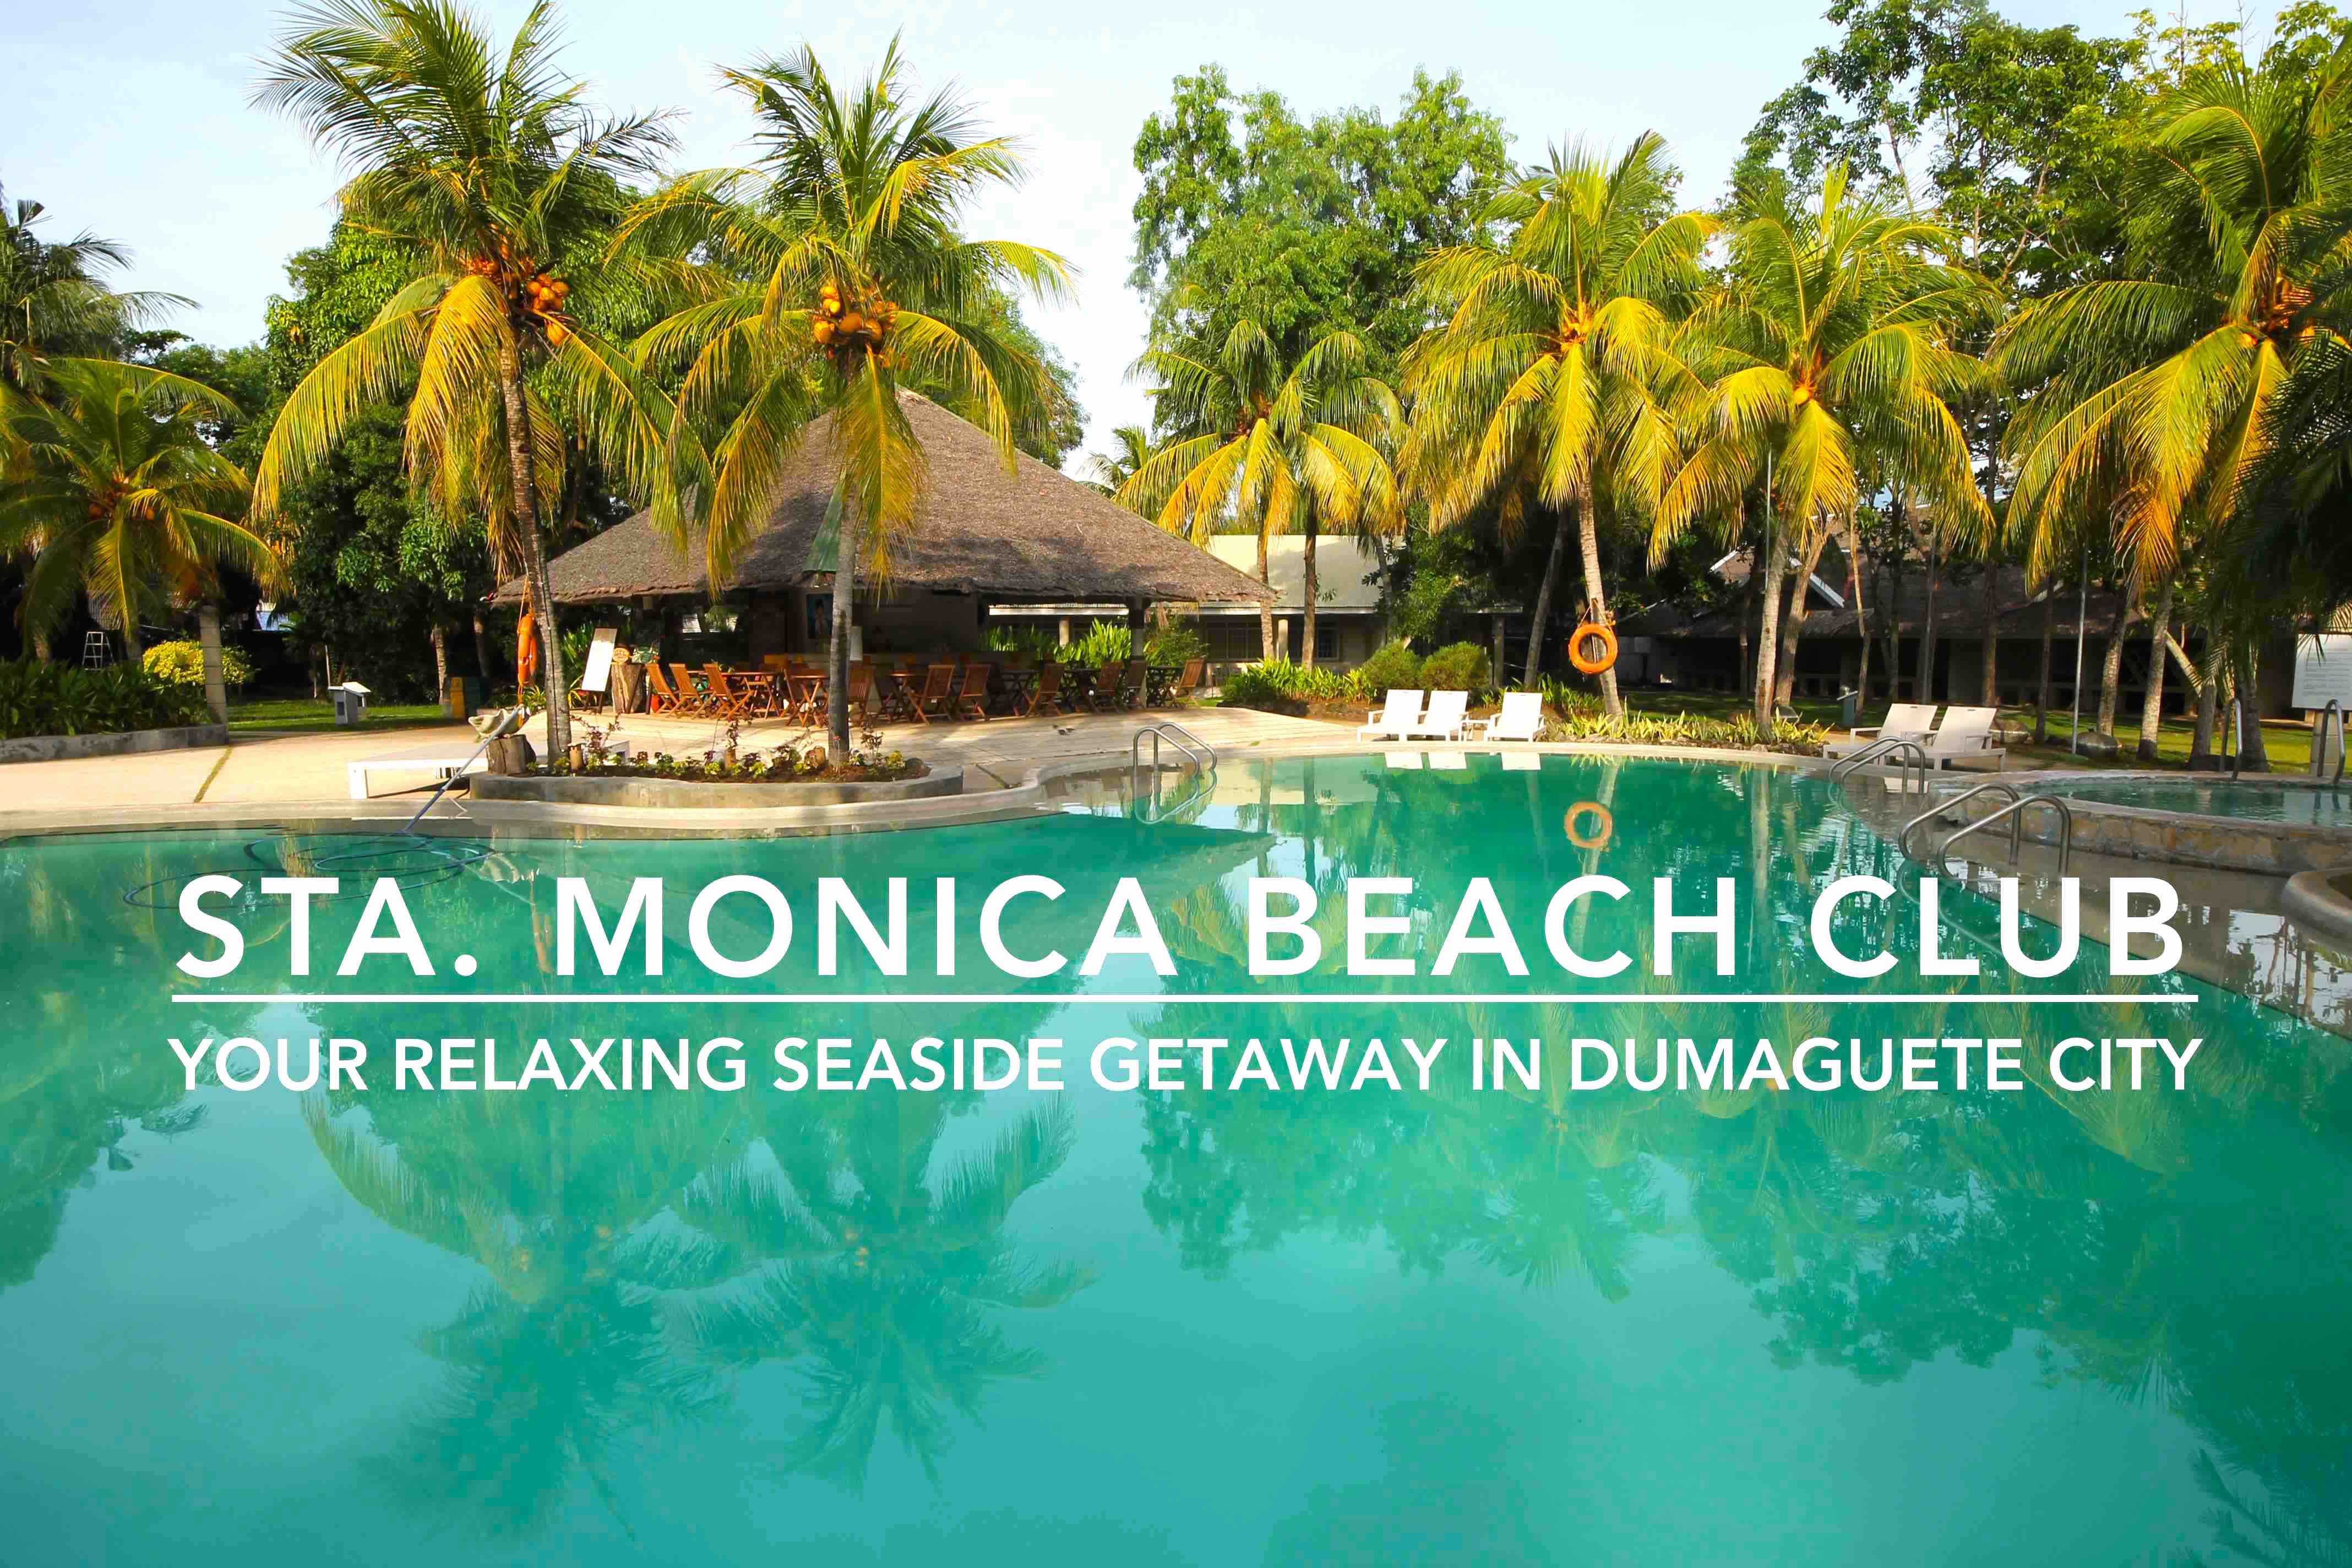 The Beach Club Santa Monica